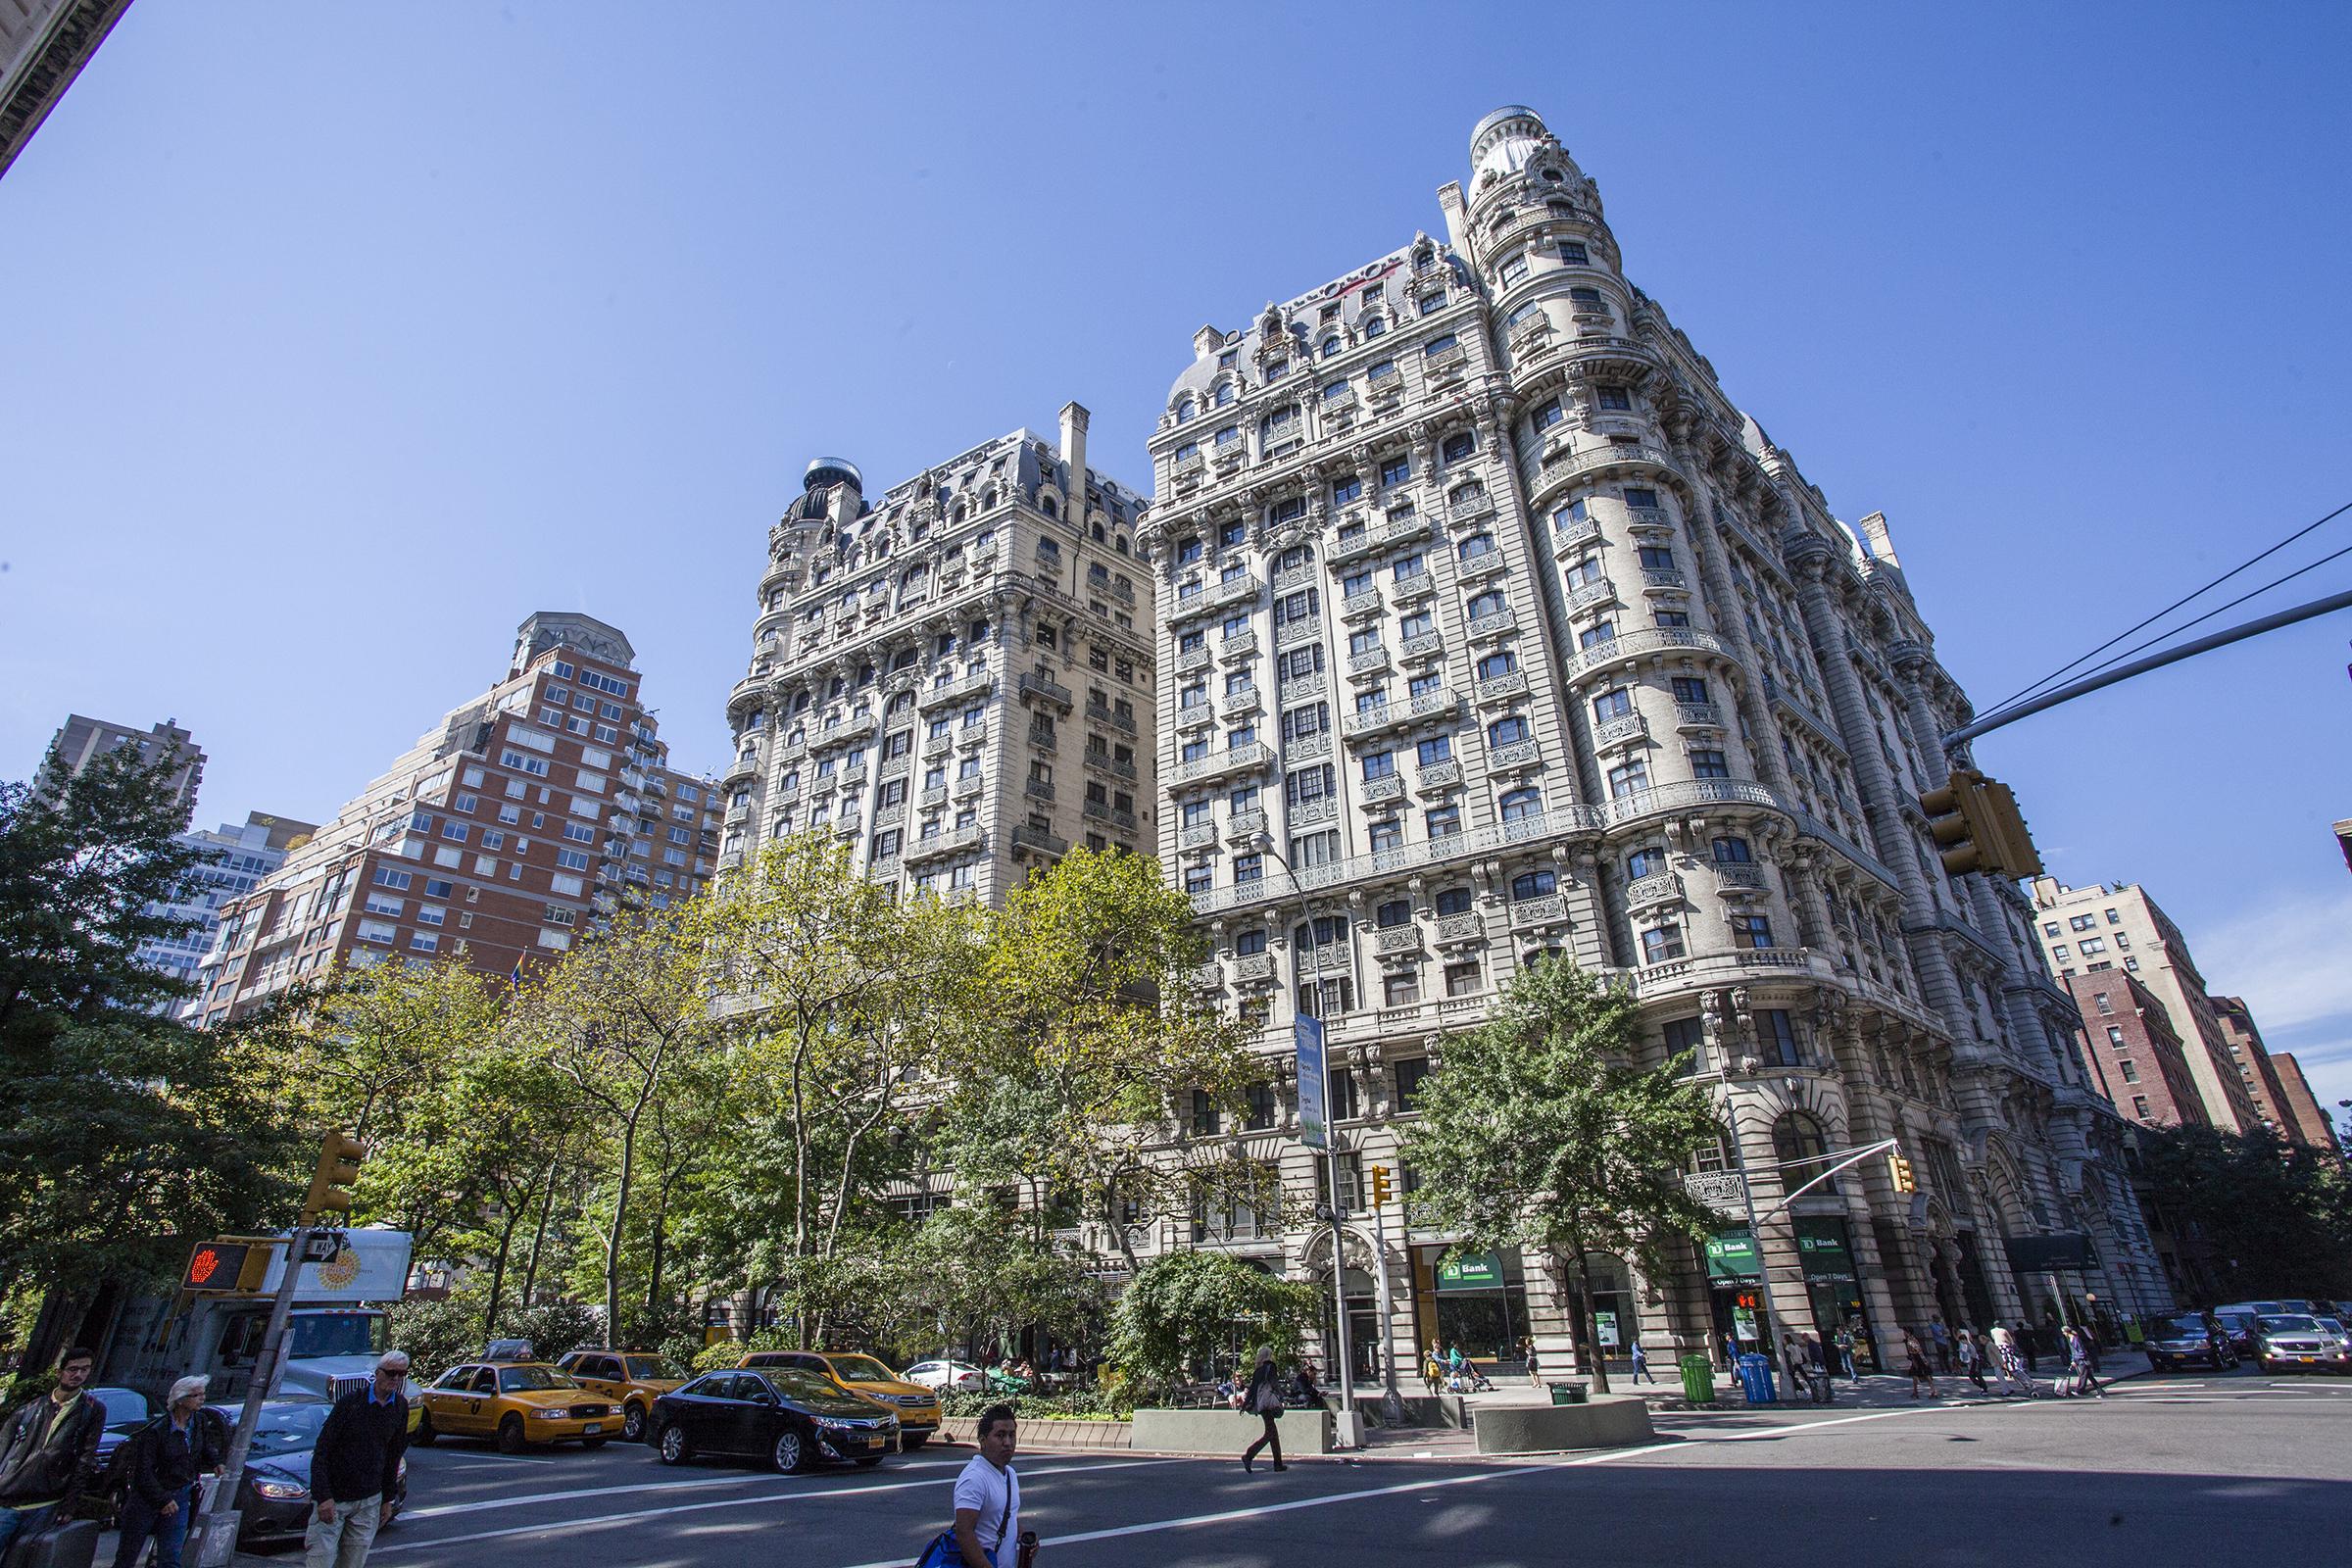 Piso en el Ansonia Building (Nueva York, EEUU) – valor desconocido